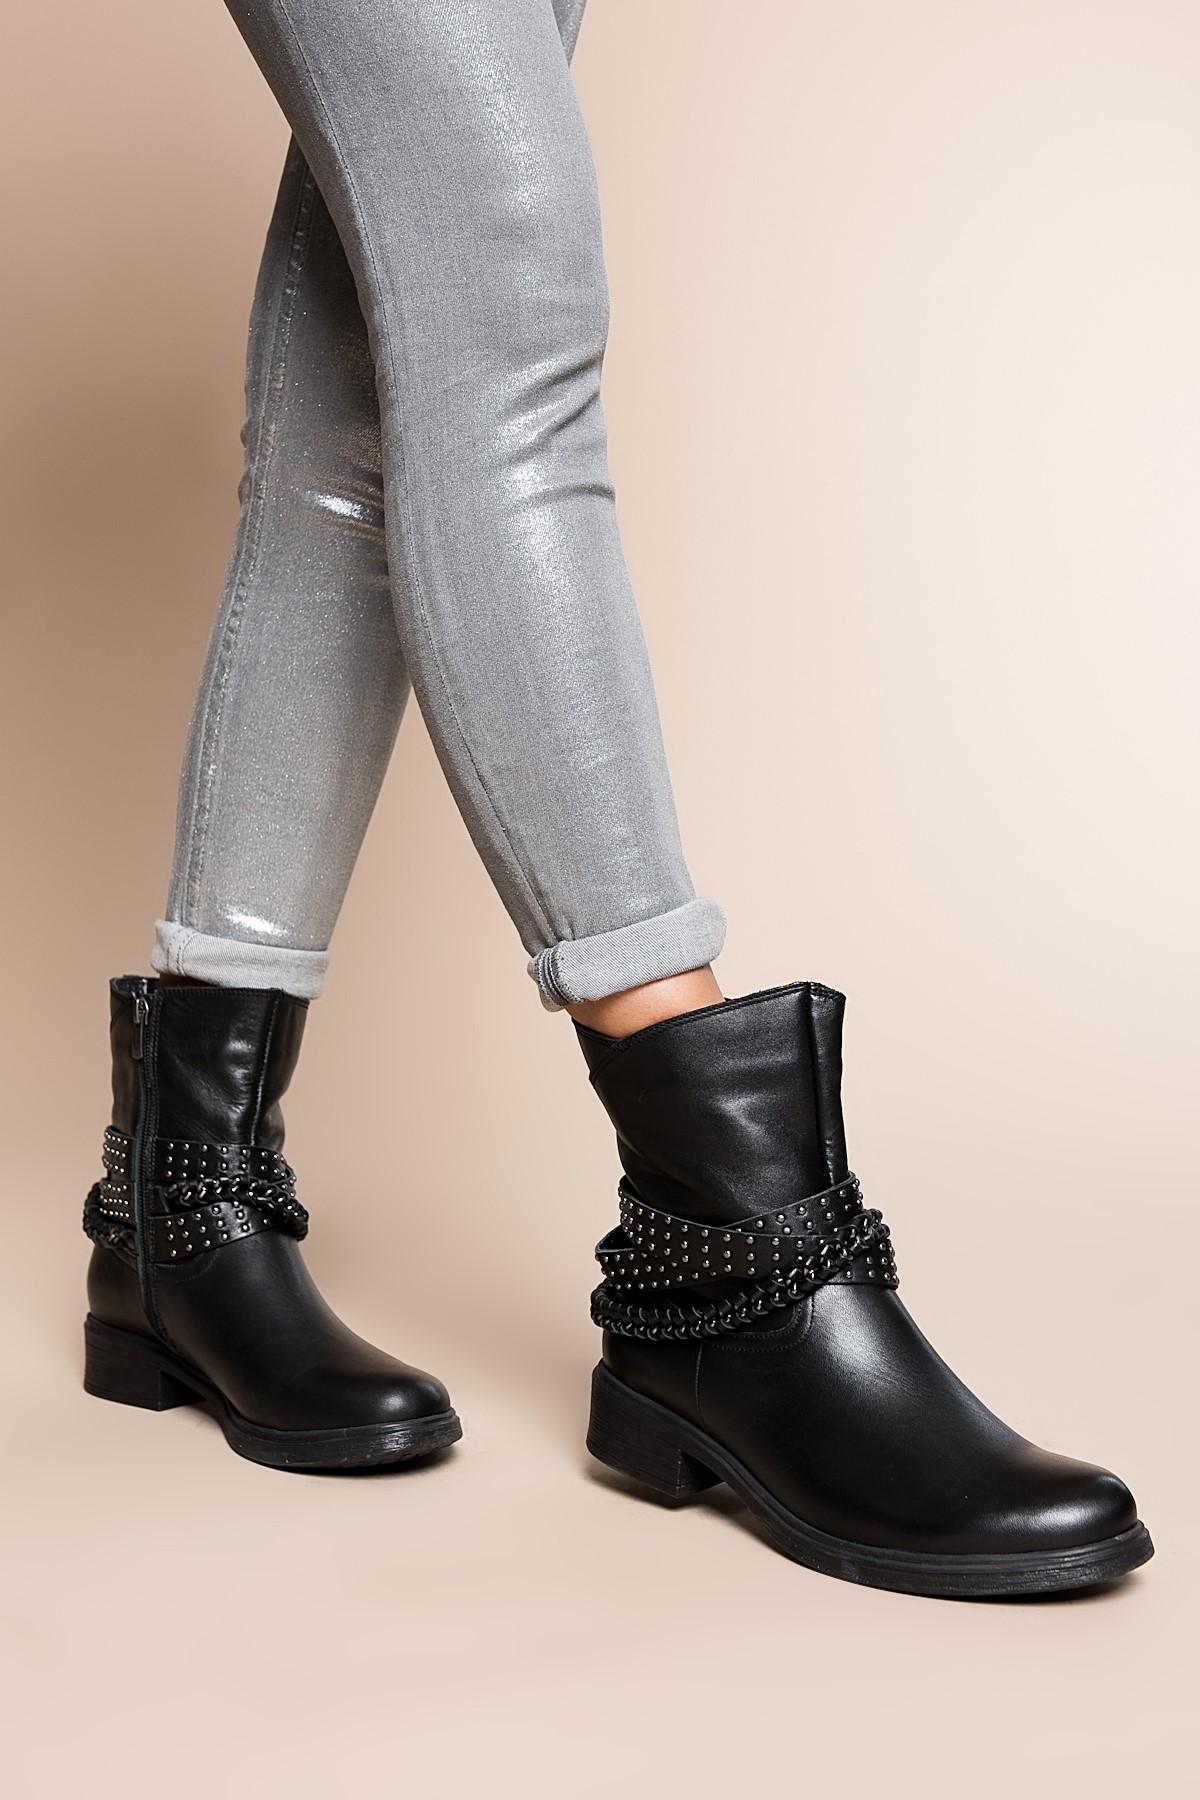 Обувь из высококачественной кожи INCI